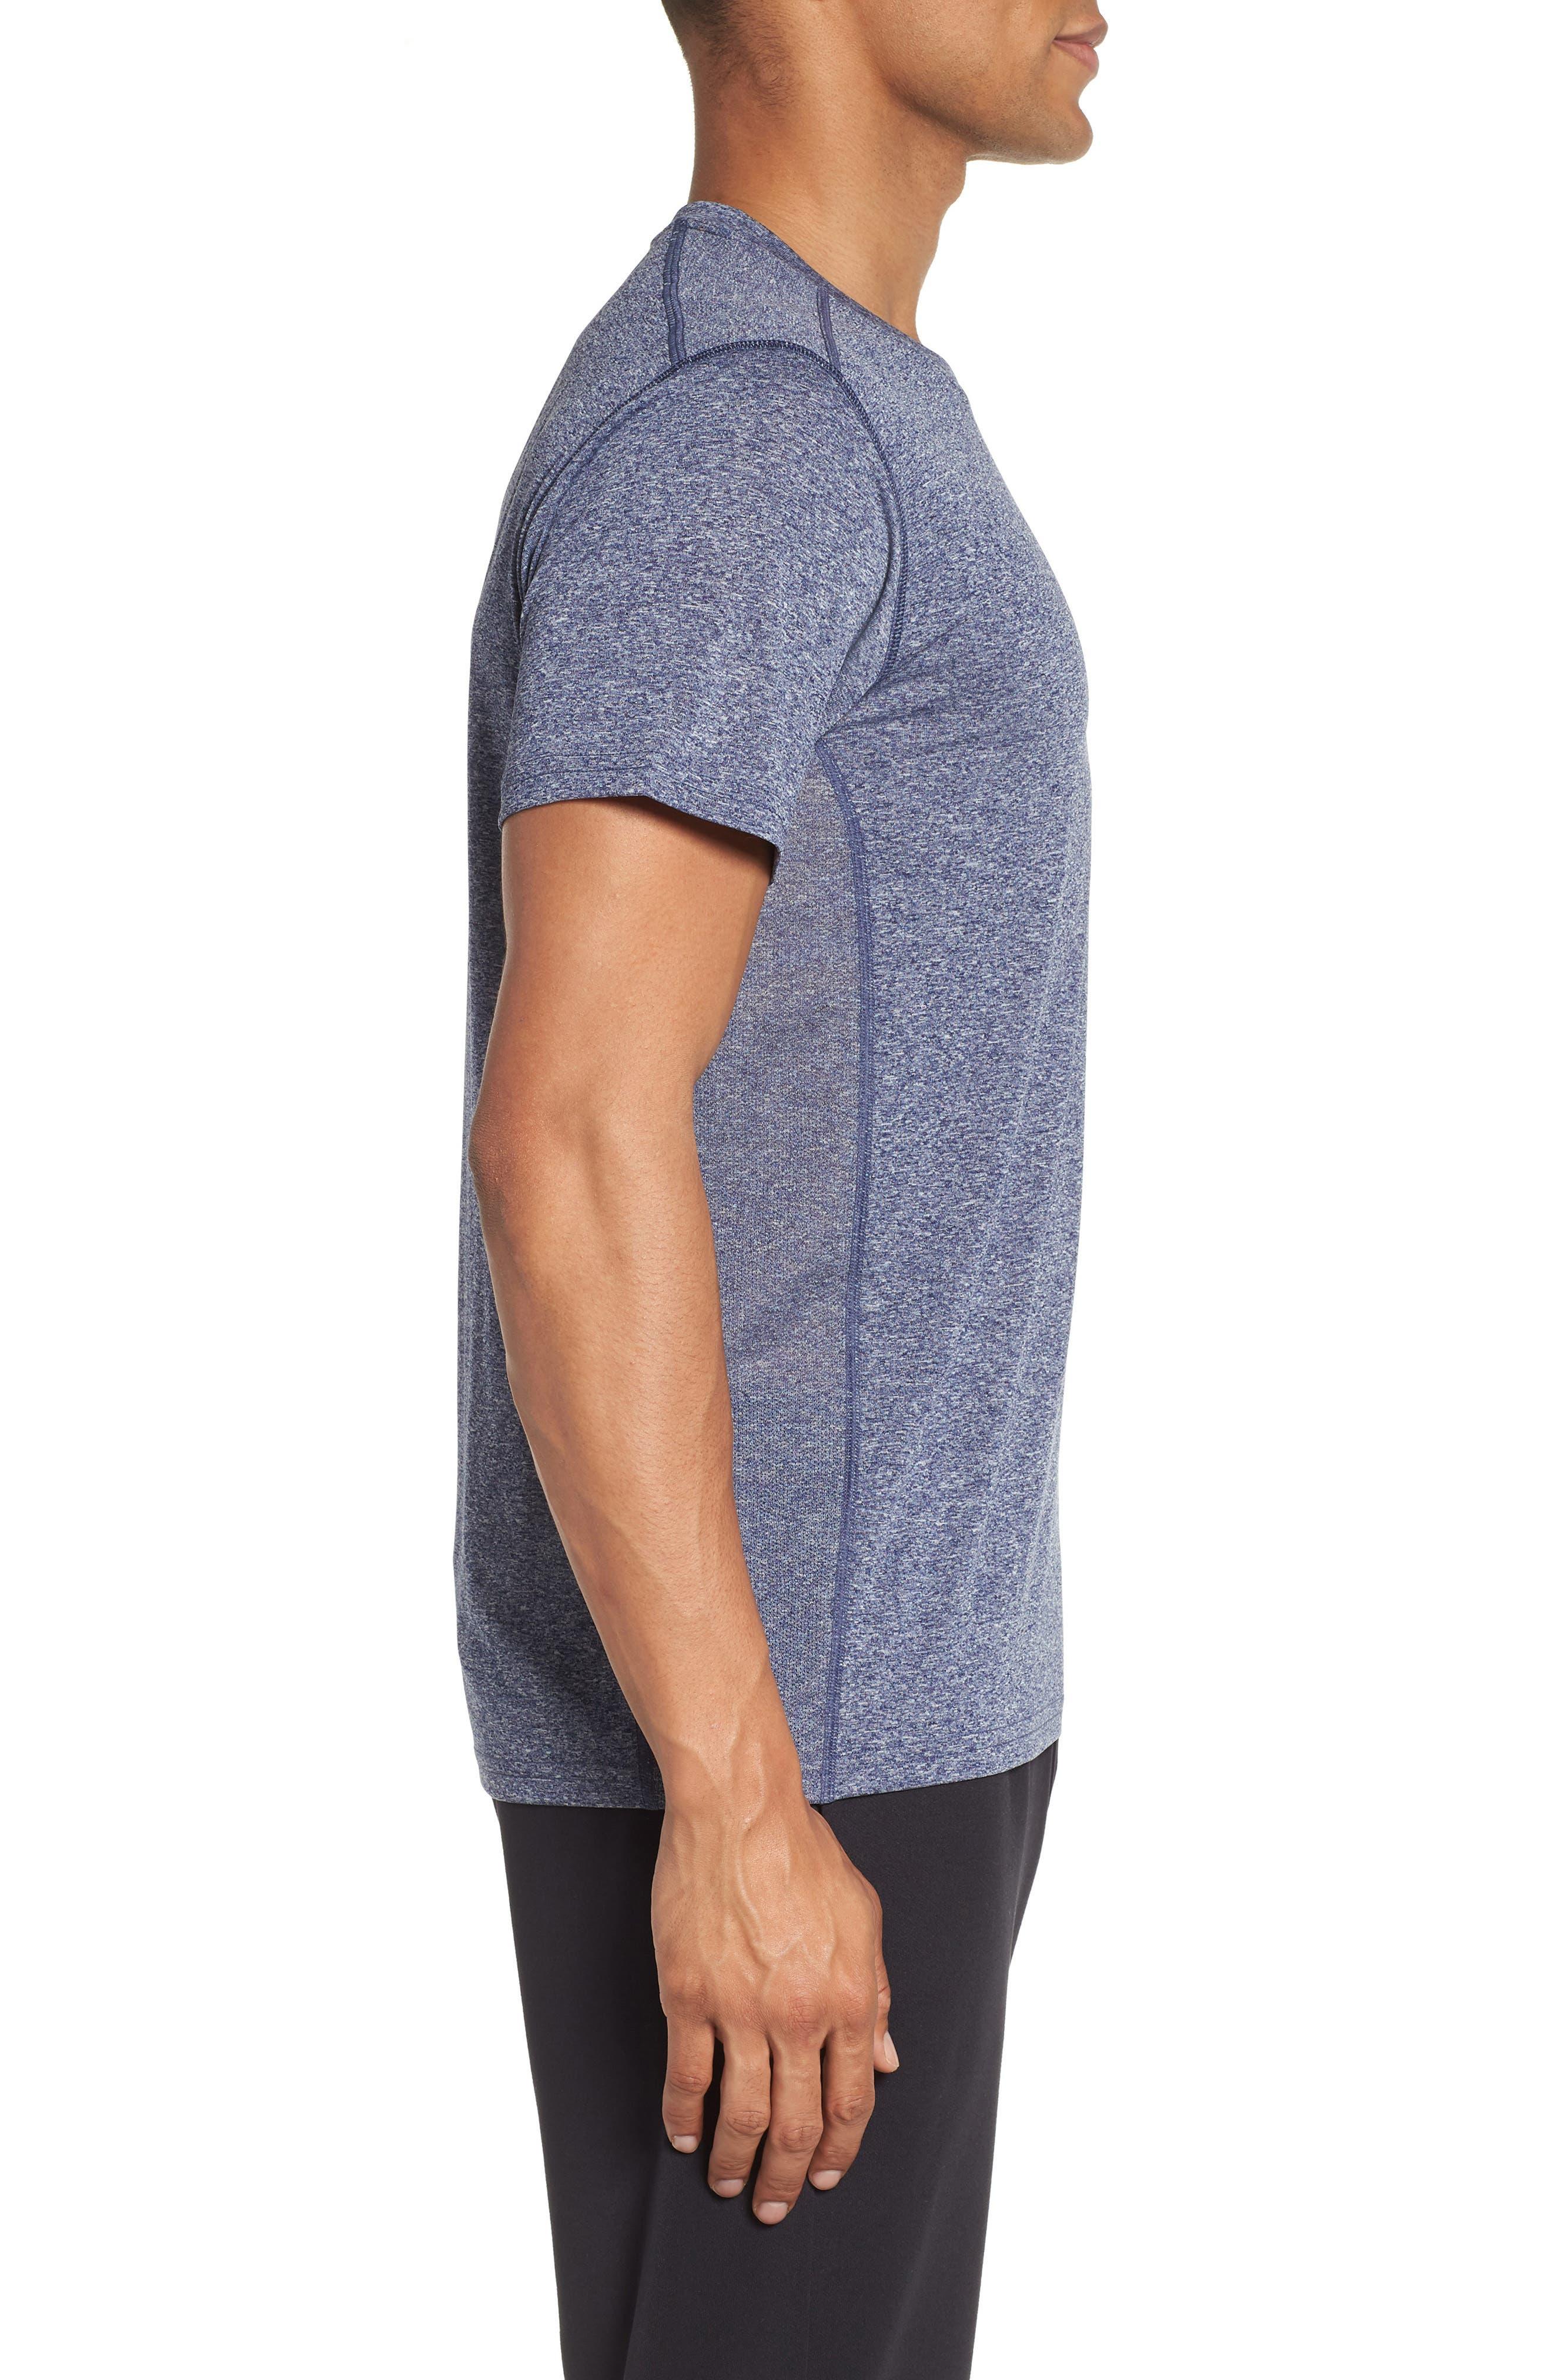 Goodsport Mesh Panel T-Shirt,                             Alternate thumbnail 17, color,